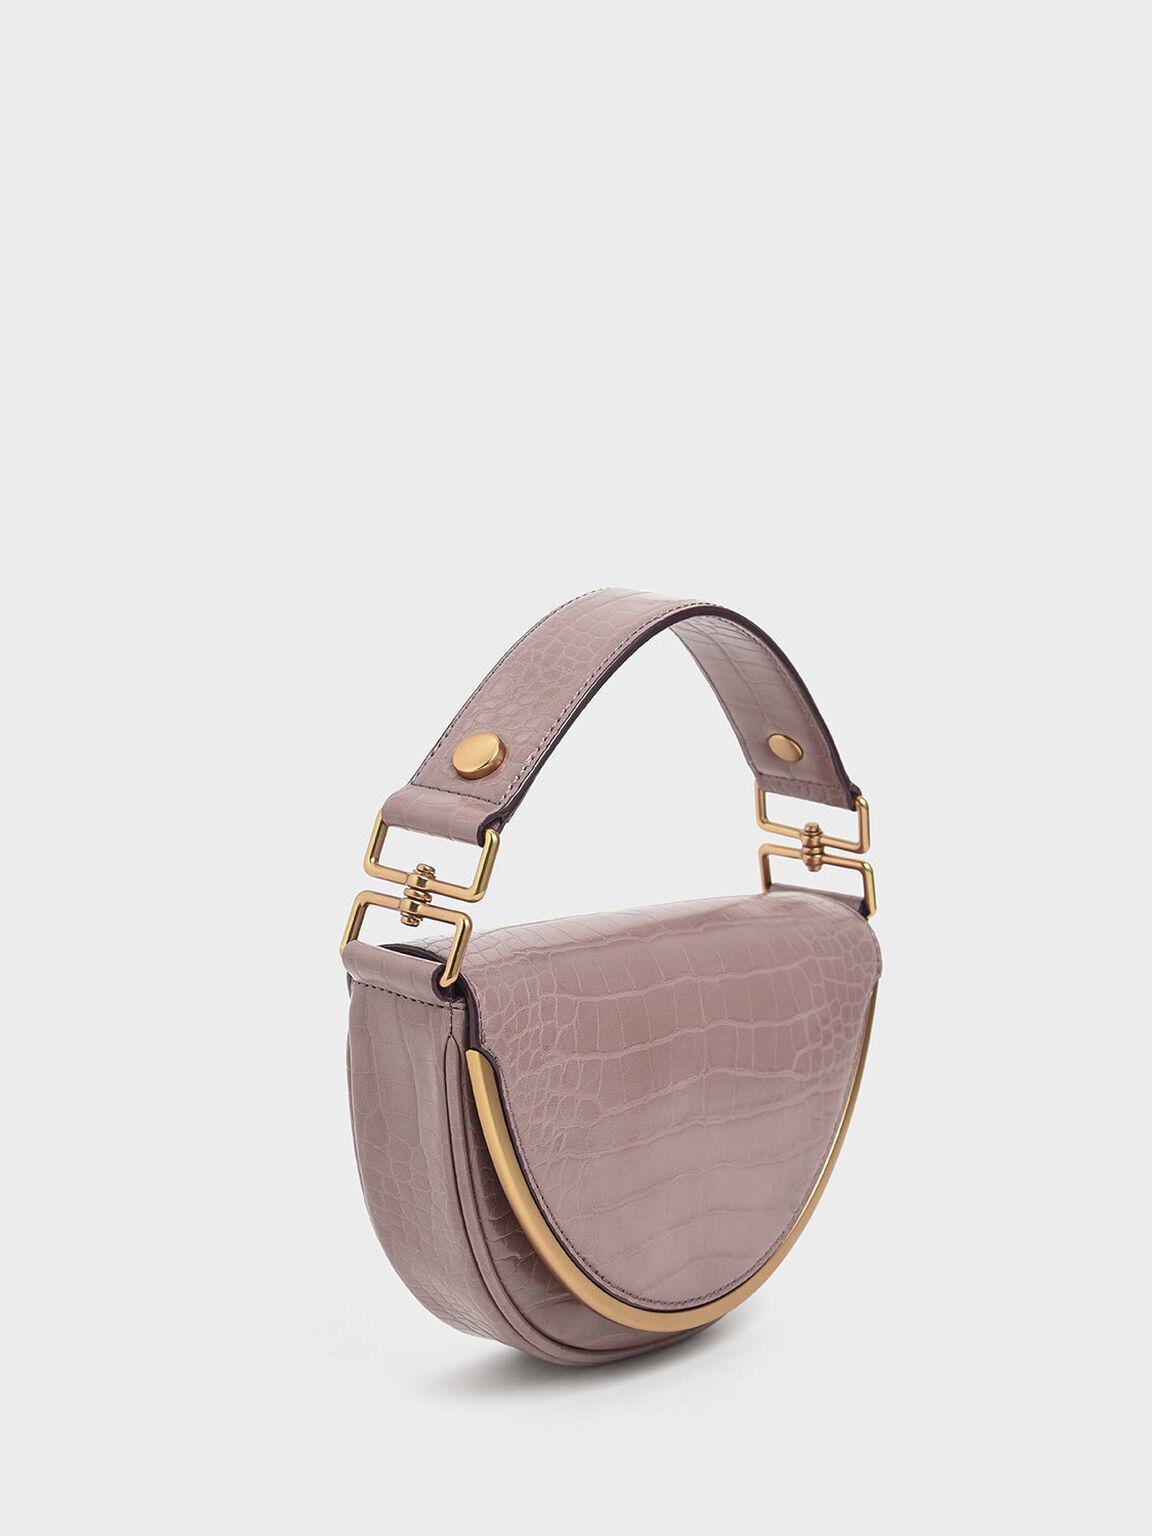 Croc-Effect Top Handle Semi-Circle Bag, Mauve, hi-res